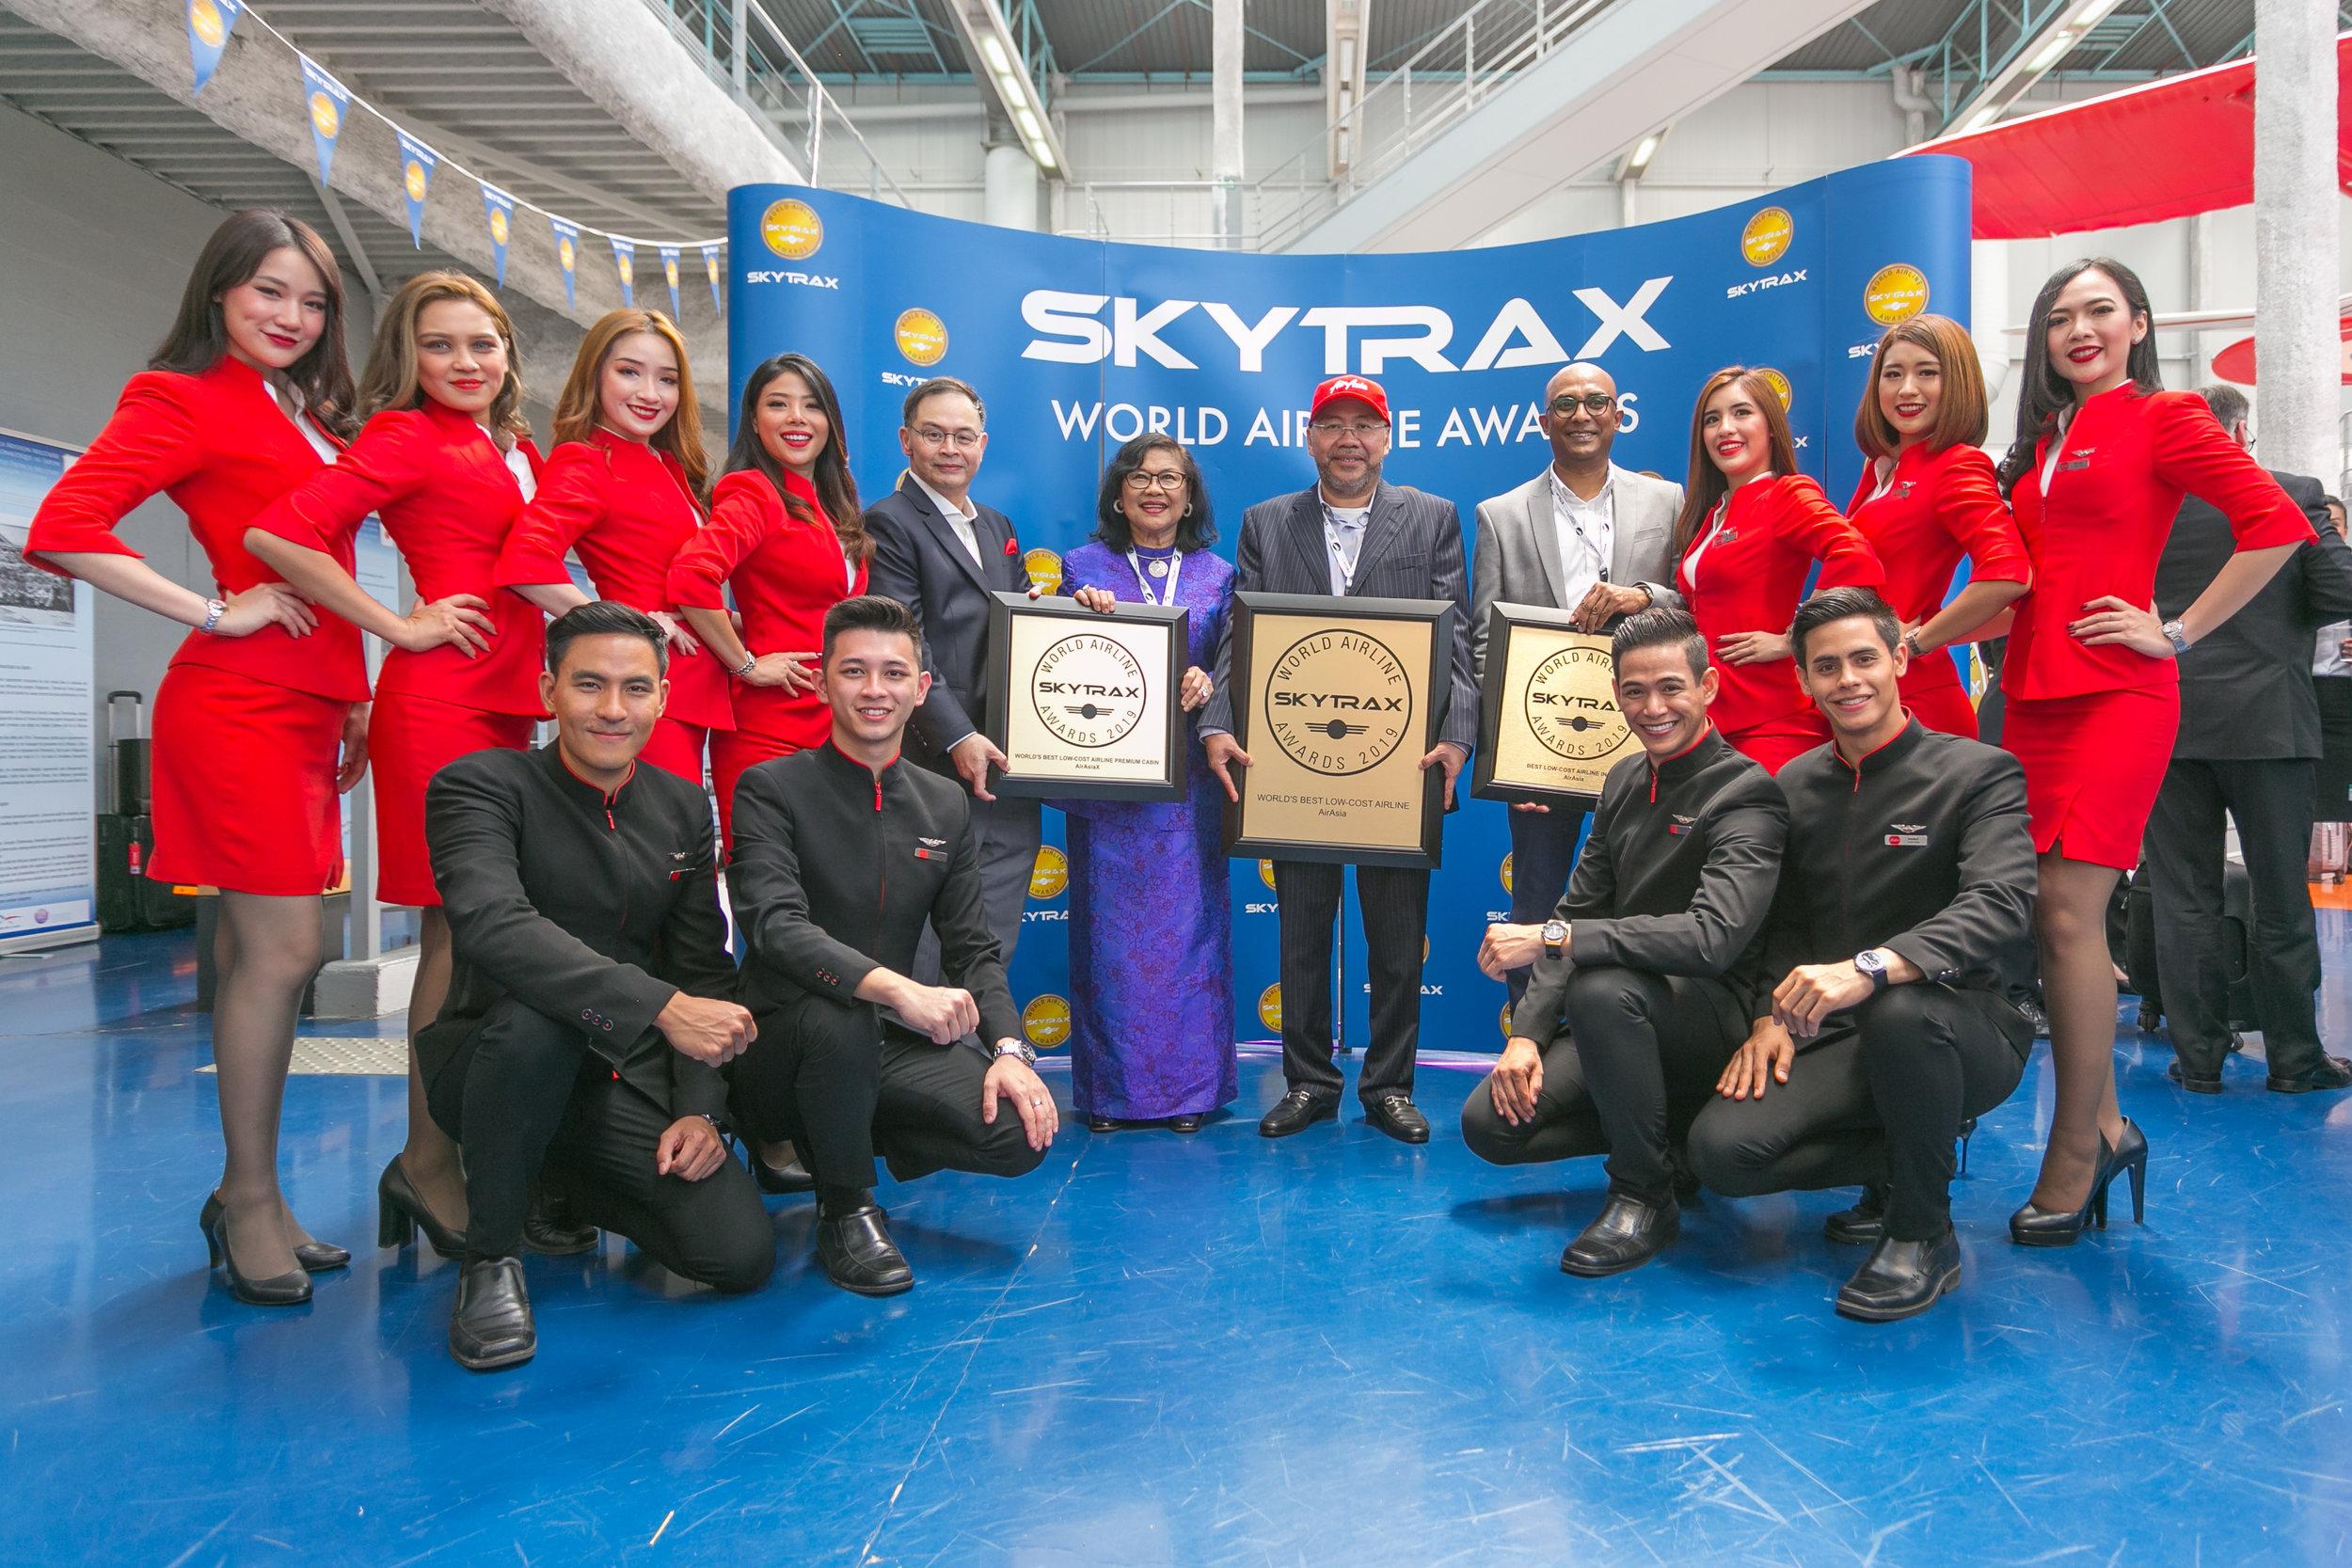 後左五起:AirAsia X(AirAsia長途) 集團行程總裁Nadda Buranasiri、AirAsia X(AirAsia長途) 主席丹斯里Rafidah Aziz、AirAsia集團執行主席拿督Kamarudin Meranun、AirAsia集團副行政總裁 (航空運營事務) Bo Lingam連同一眾AirAsia機艙服務員。